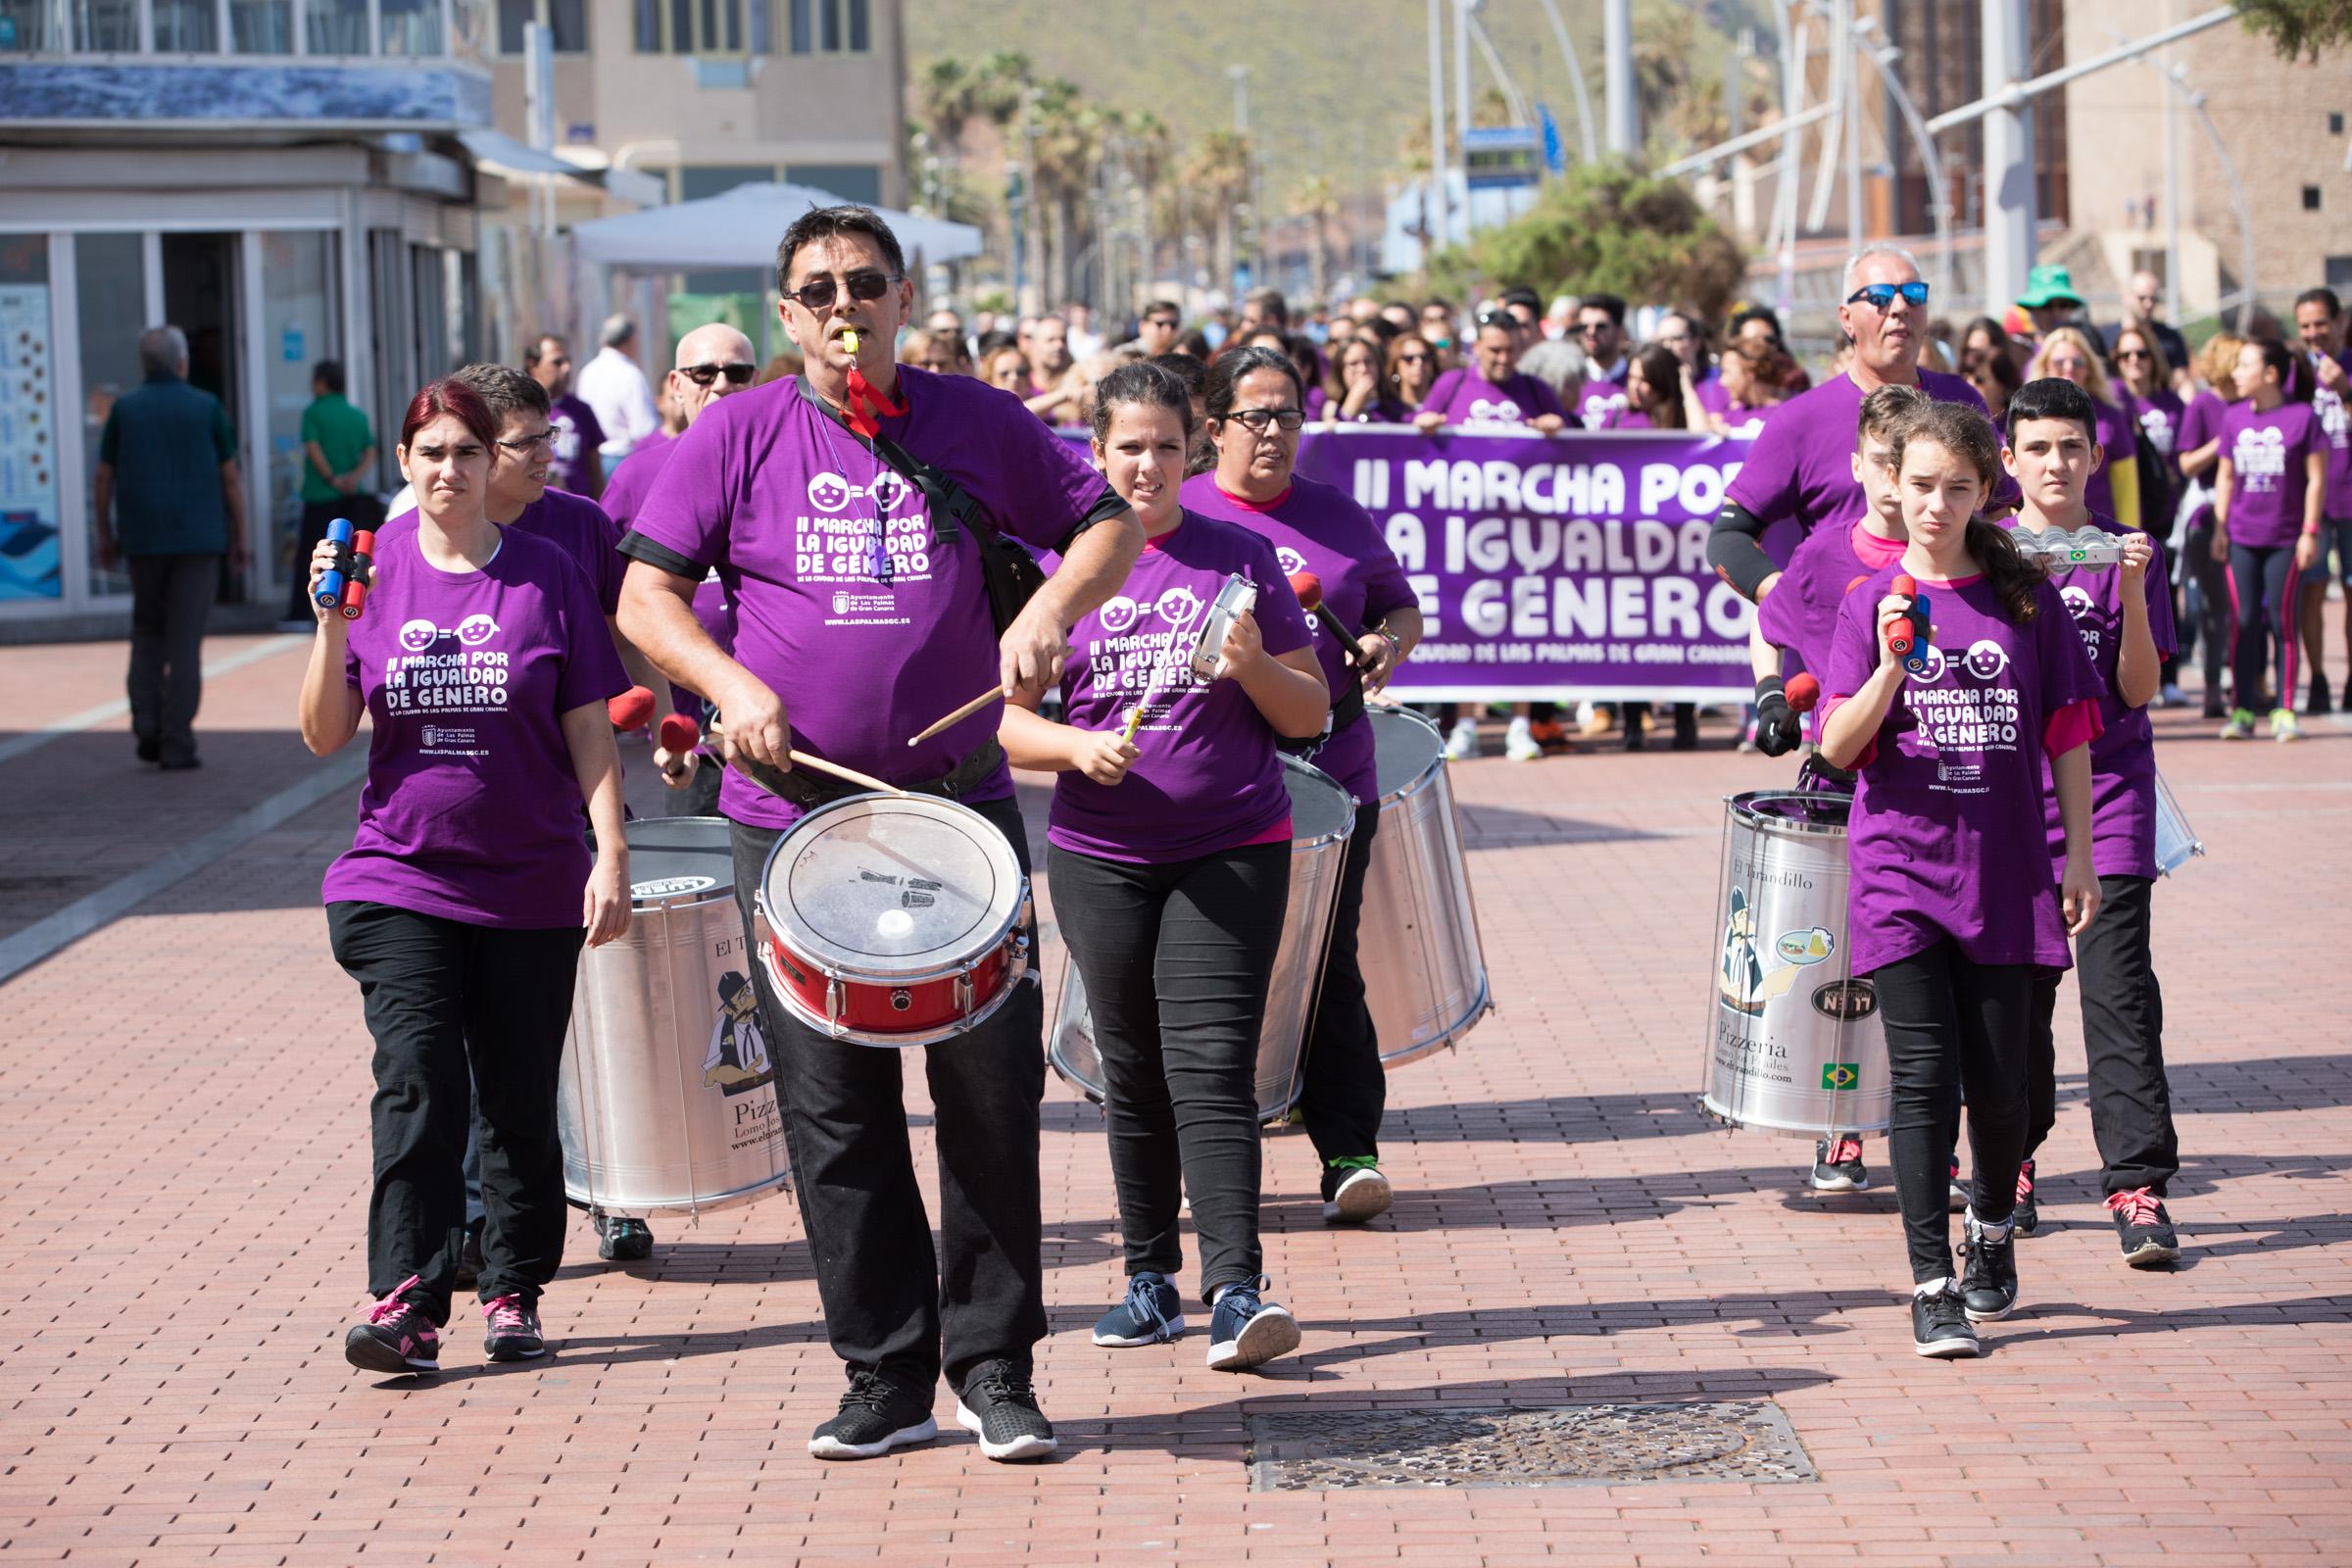 Marcha por la igualdad en Las Palmas de Gran Canaria